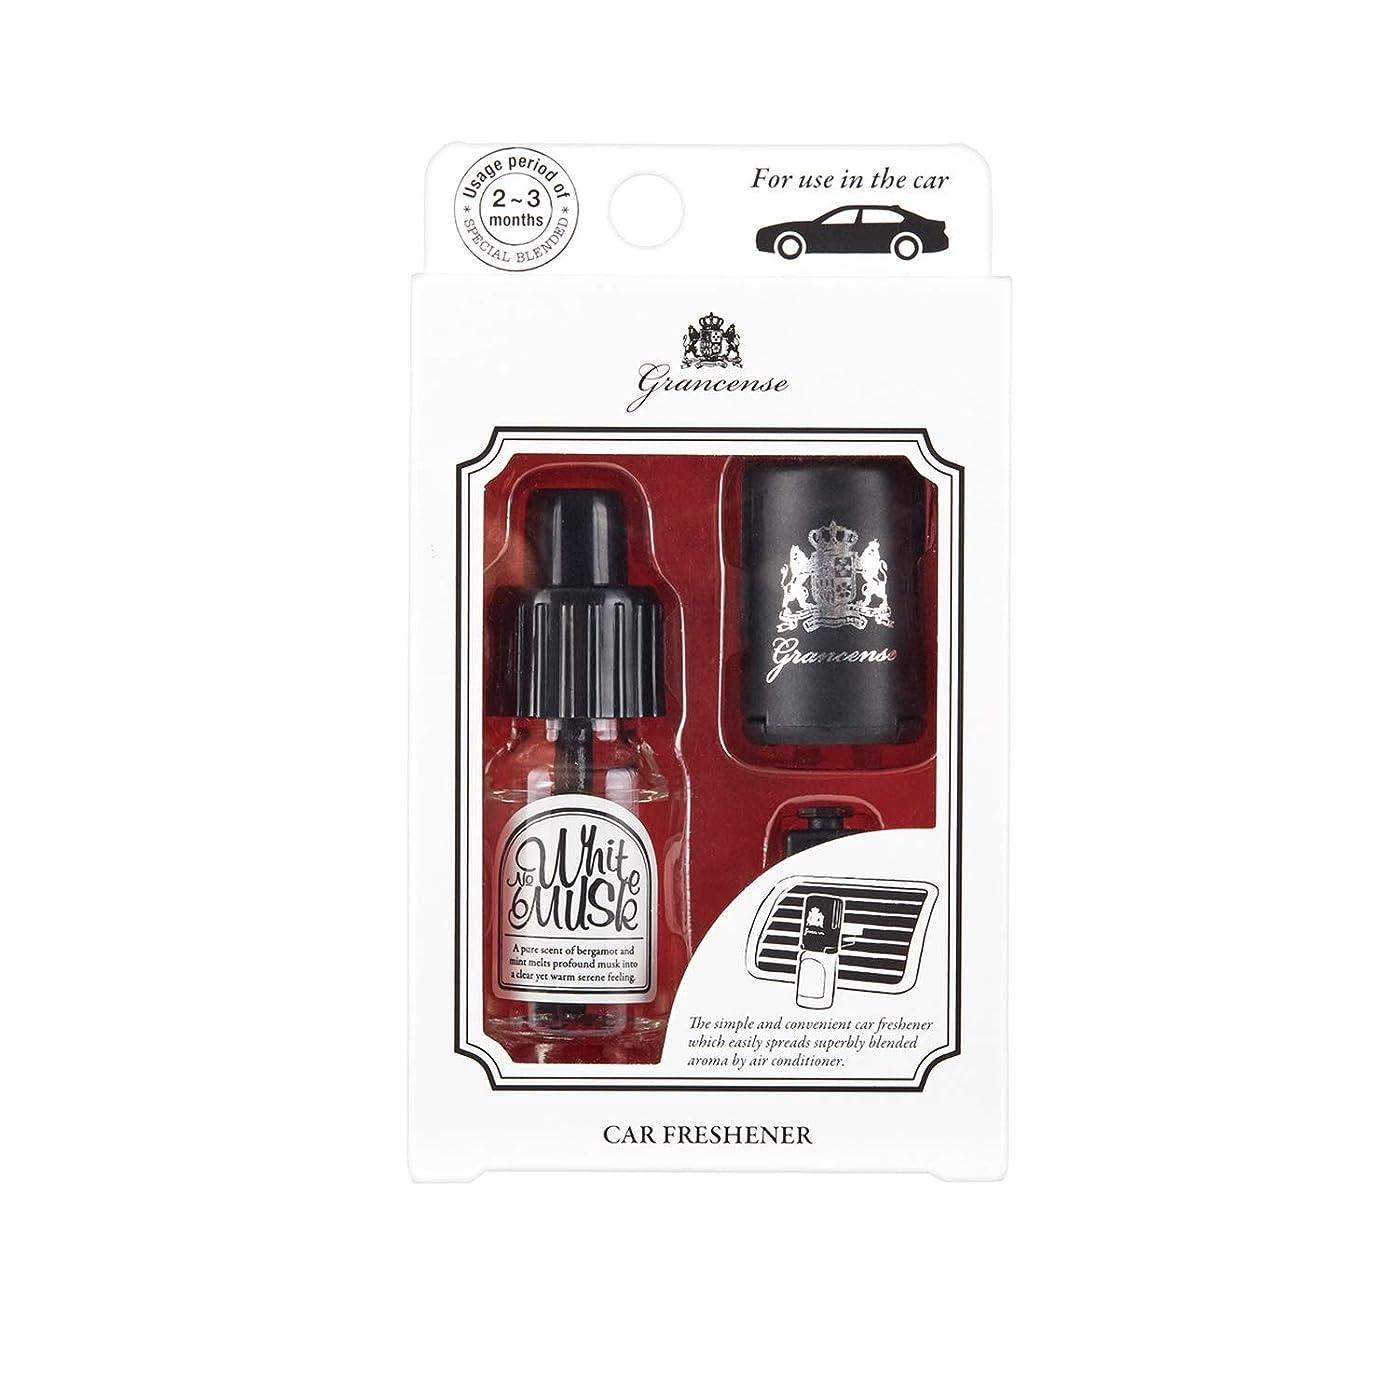 切り離す出会いキャプショングランセンス カーフレッシュナー ホワイトムスク 10mL (車用芳香剤 カーディフューザー 2-3ヶ月 日本製)